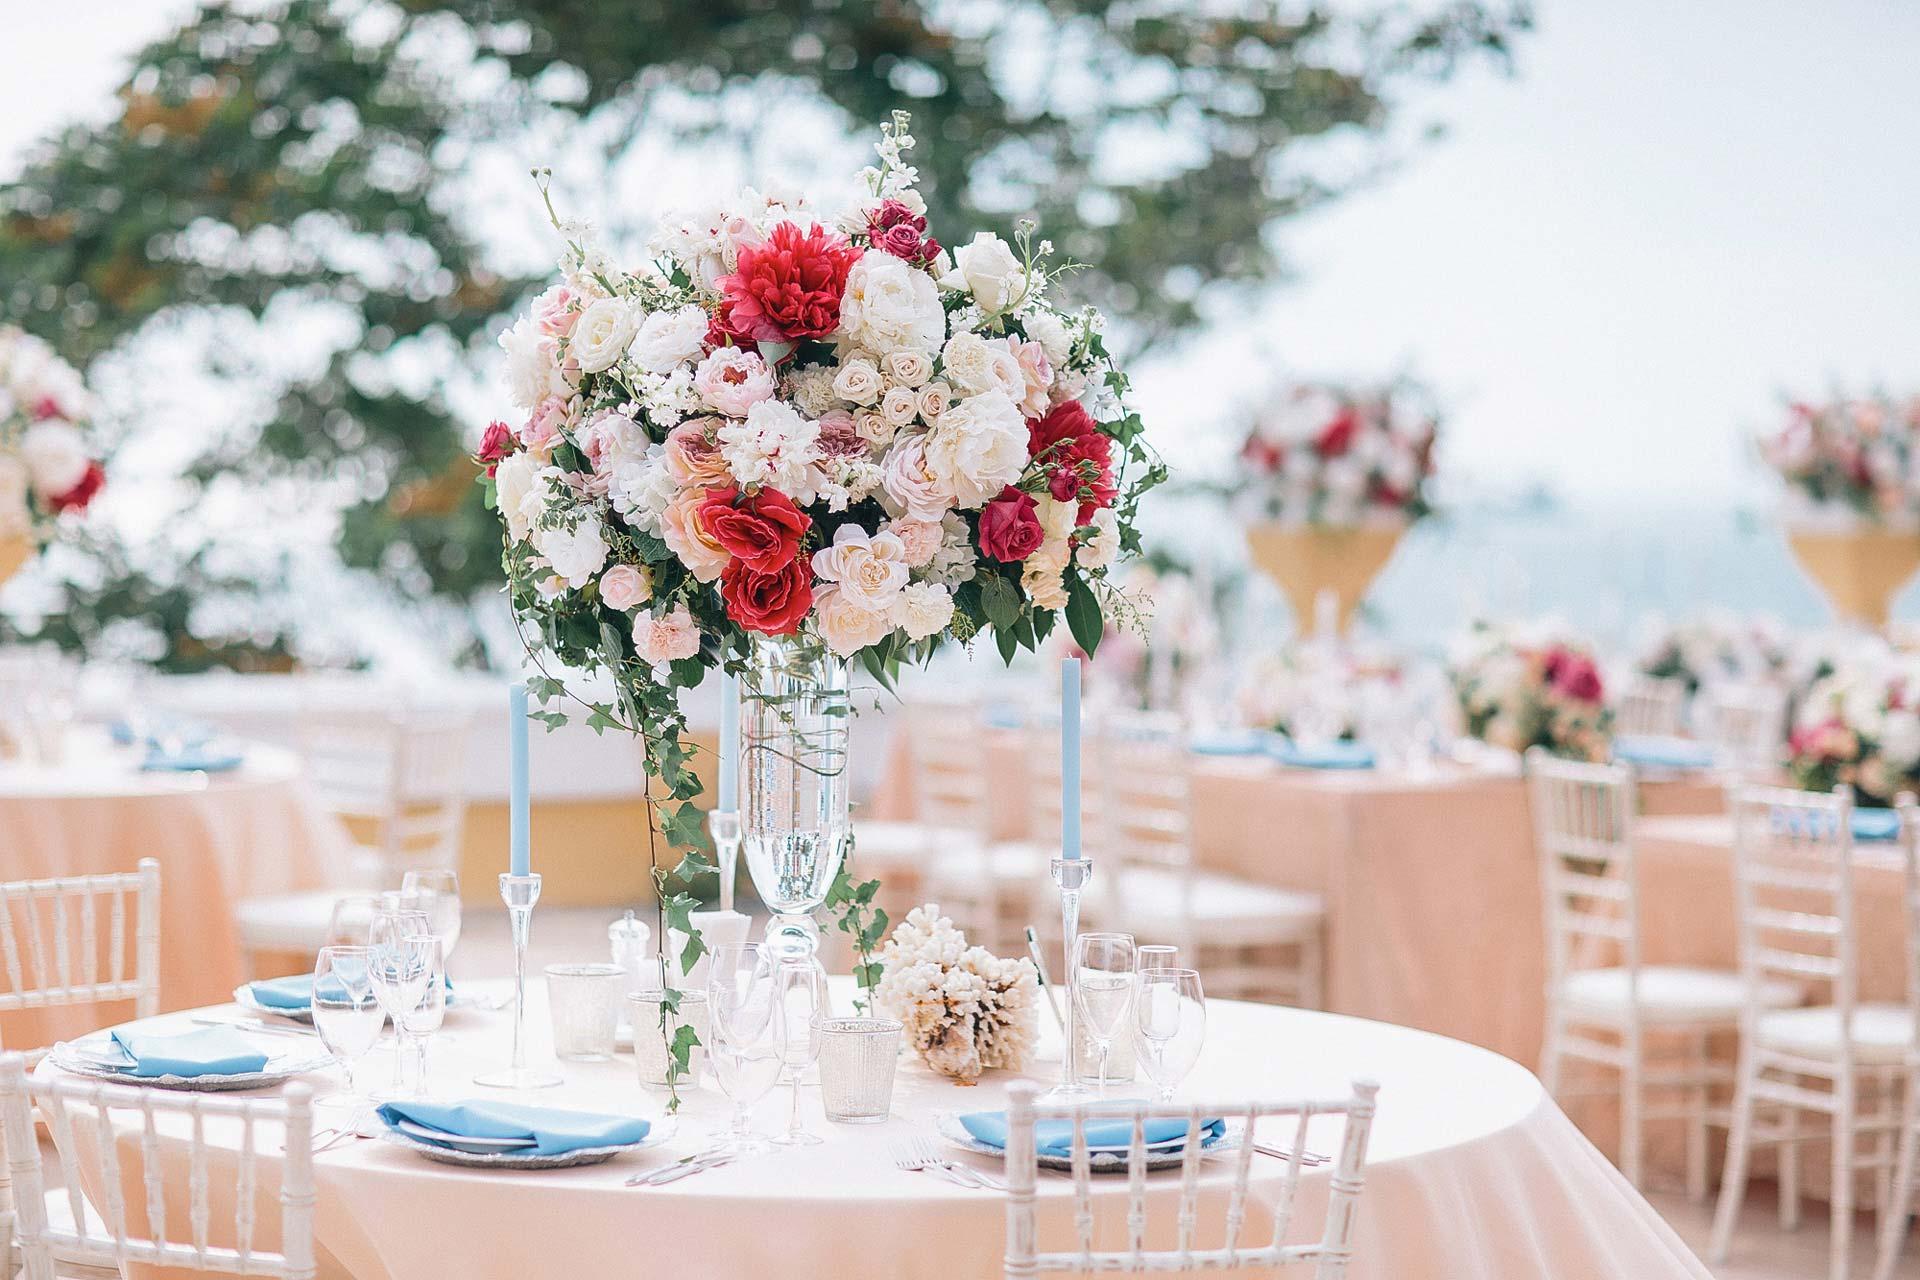 Декоратор Ольга Белецкая: «Свадебные декорации должны отличаться от театральных» фото 10